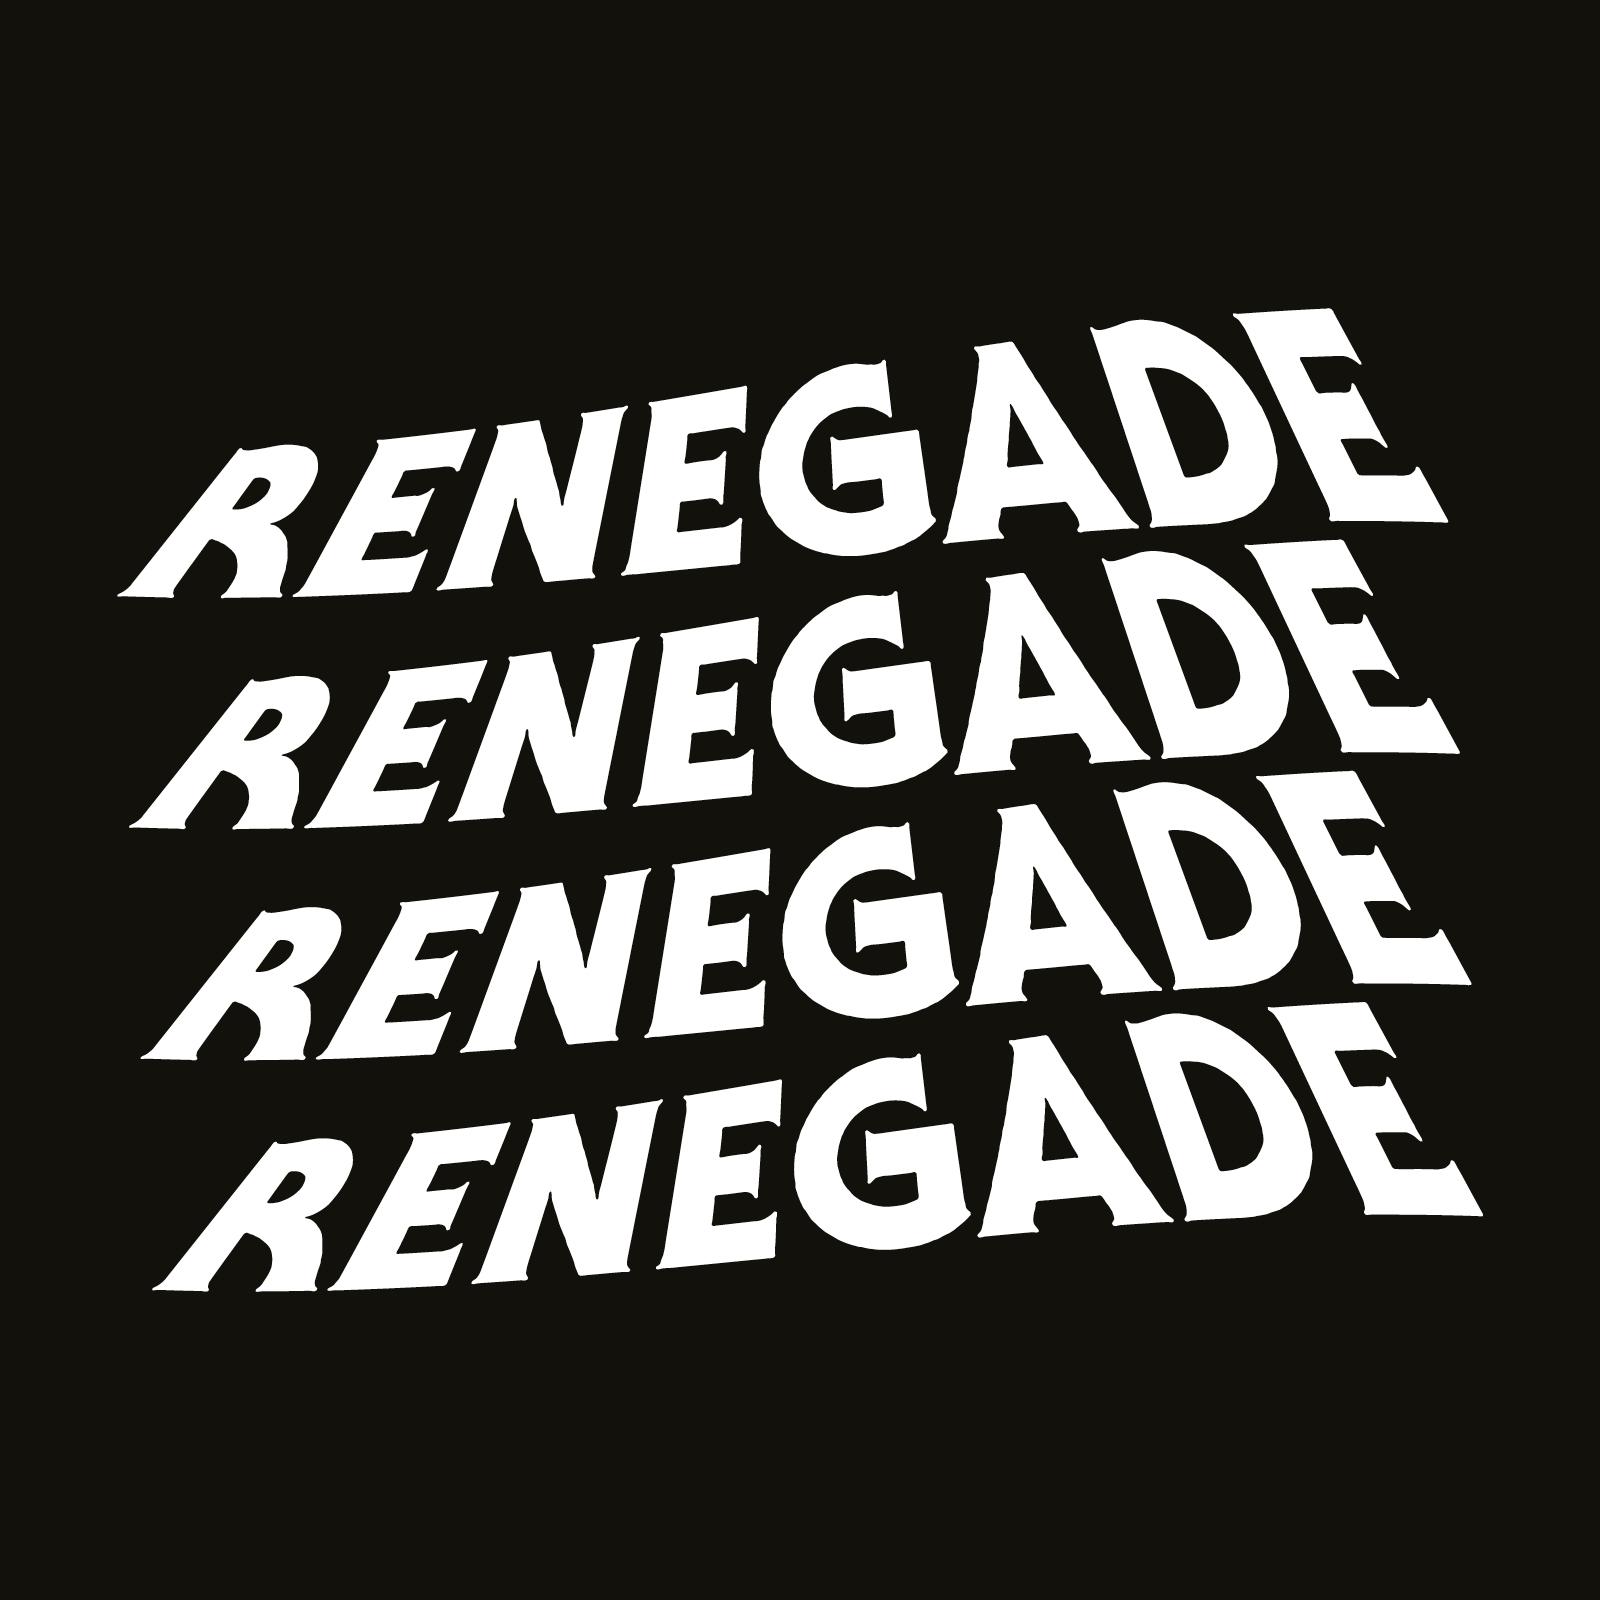 Renegade   Branding   By James-Lee Duffy